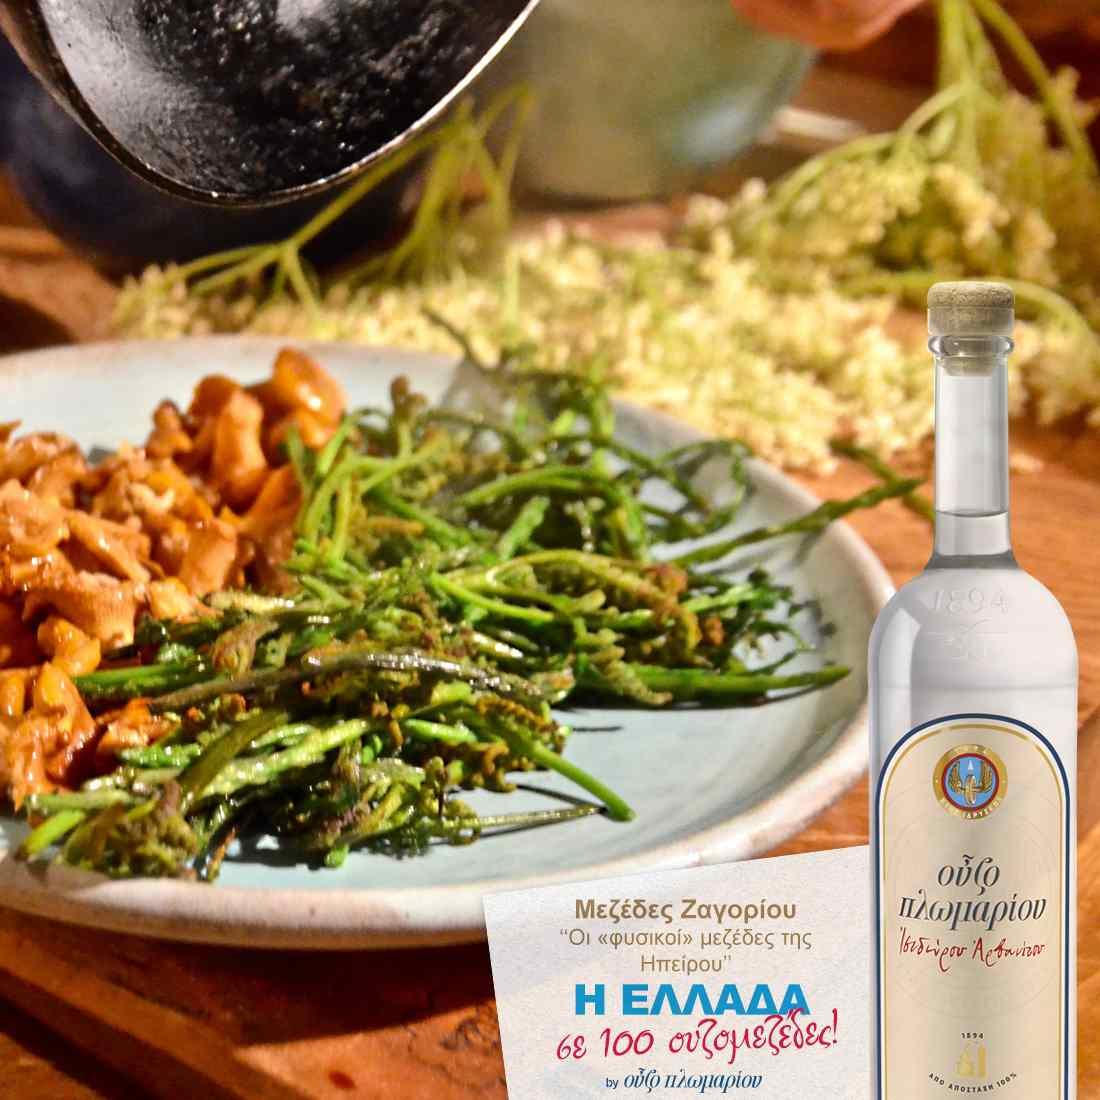 Τριλογία μεζέδων - Ζαγόρι - Ουζομεζέδες - Greek Gastronomy Guide